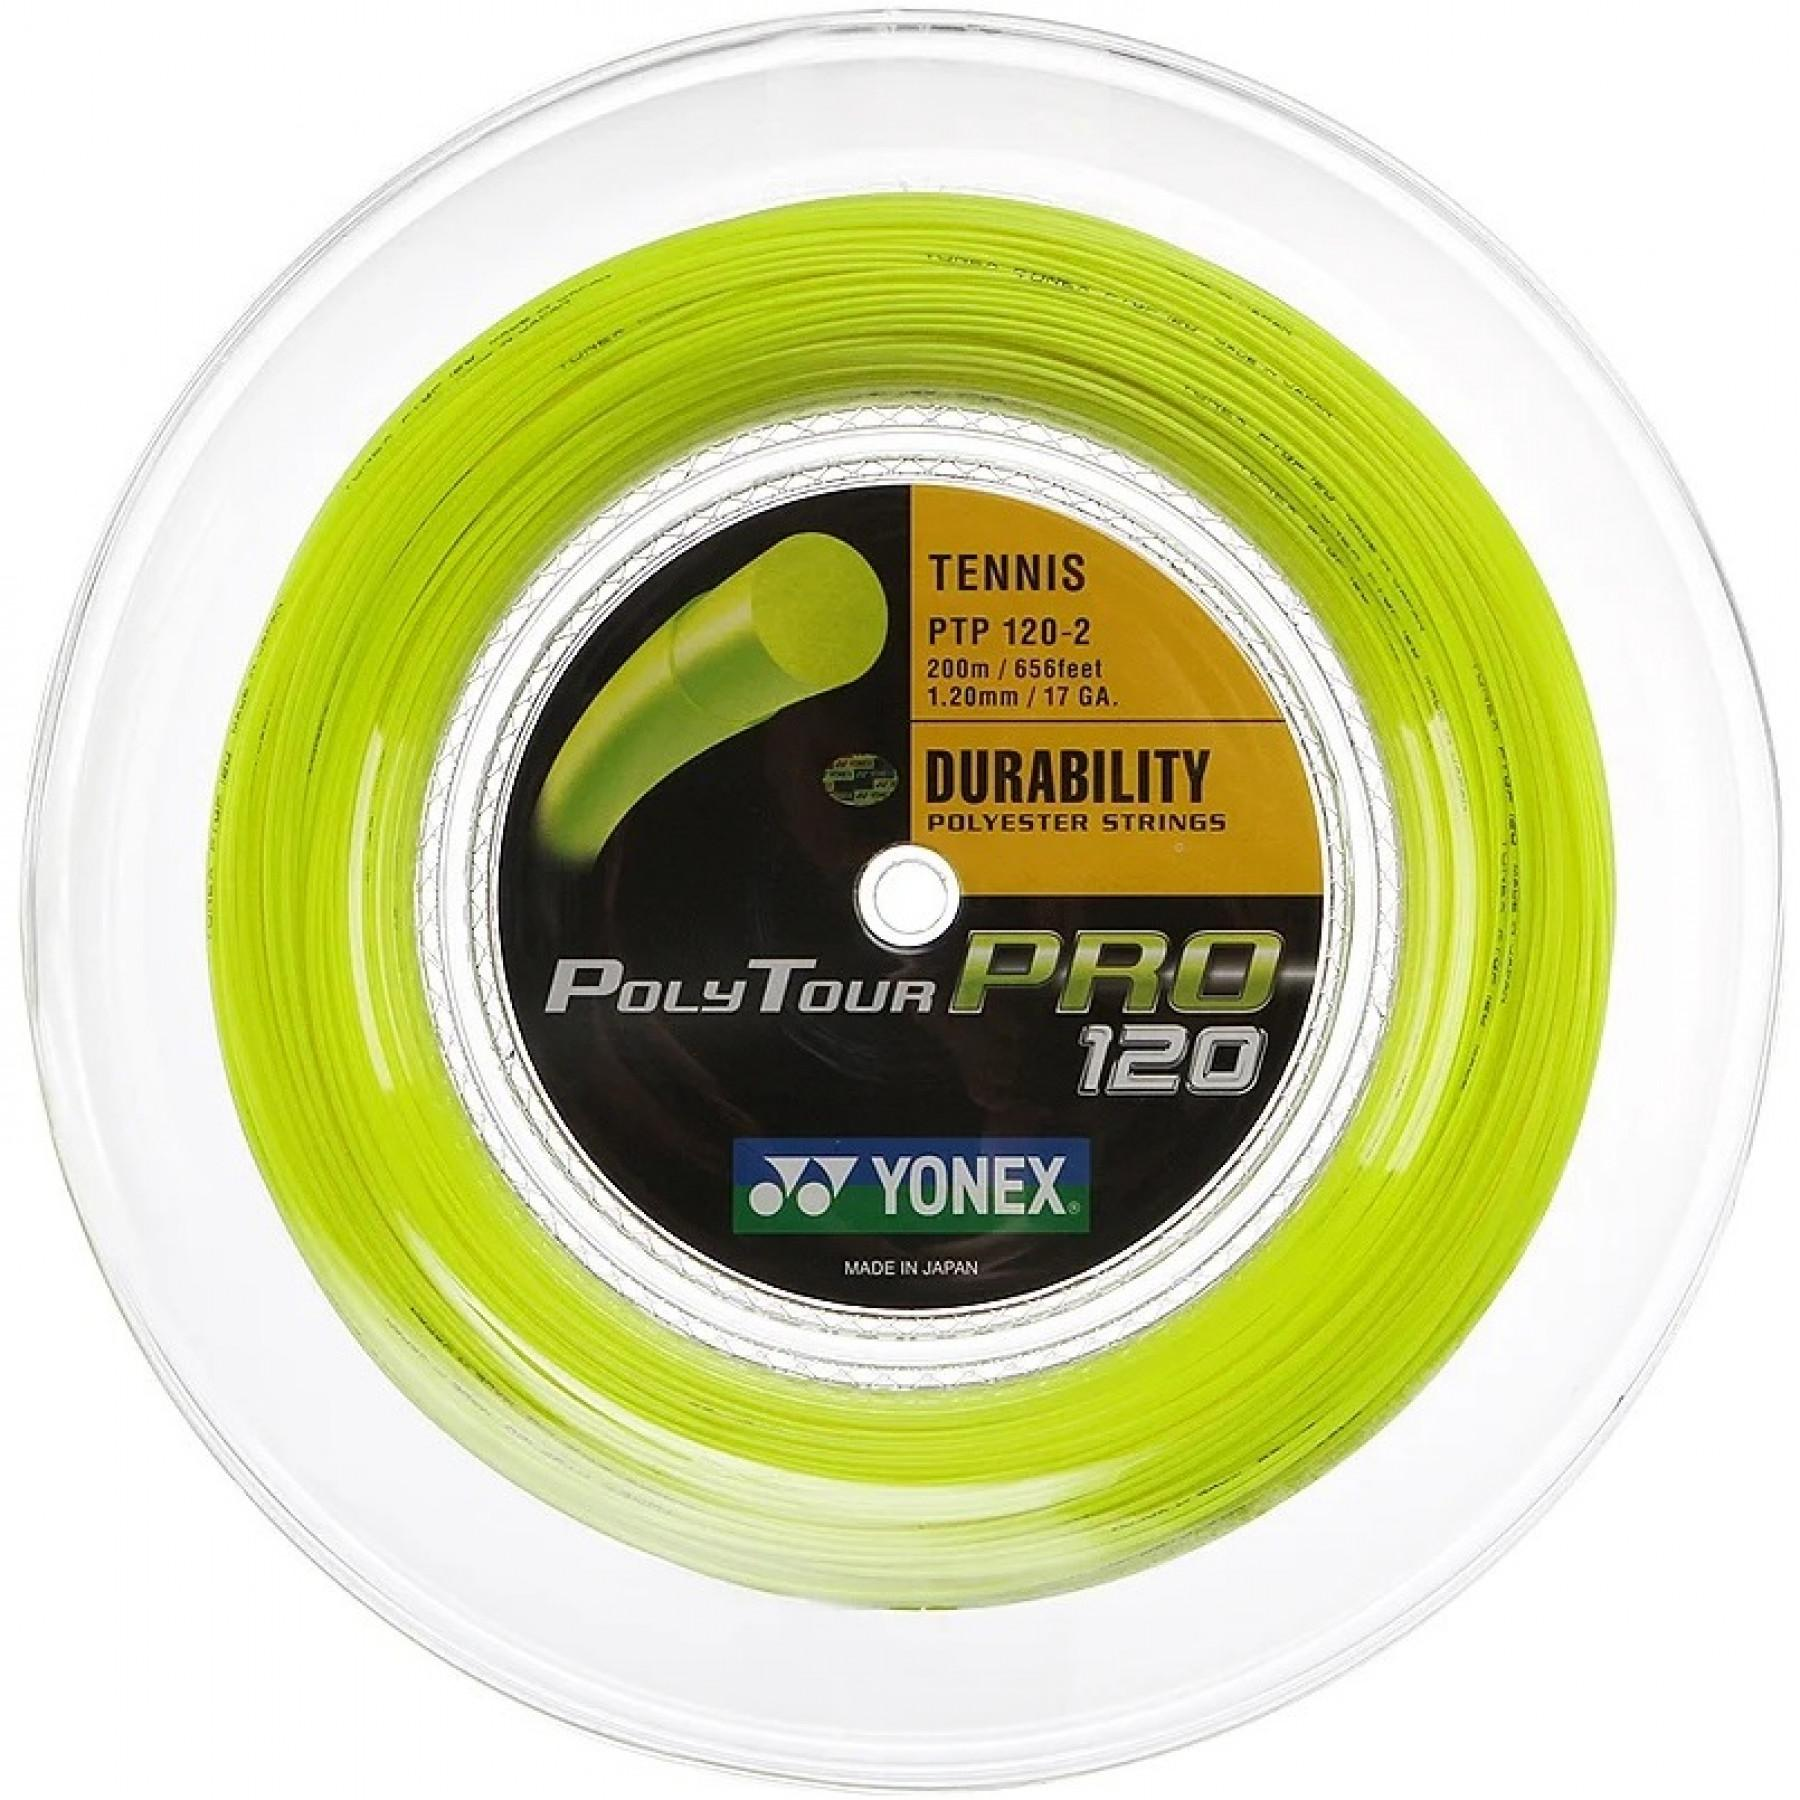 Yonex PolyTour Pro 120 Roller